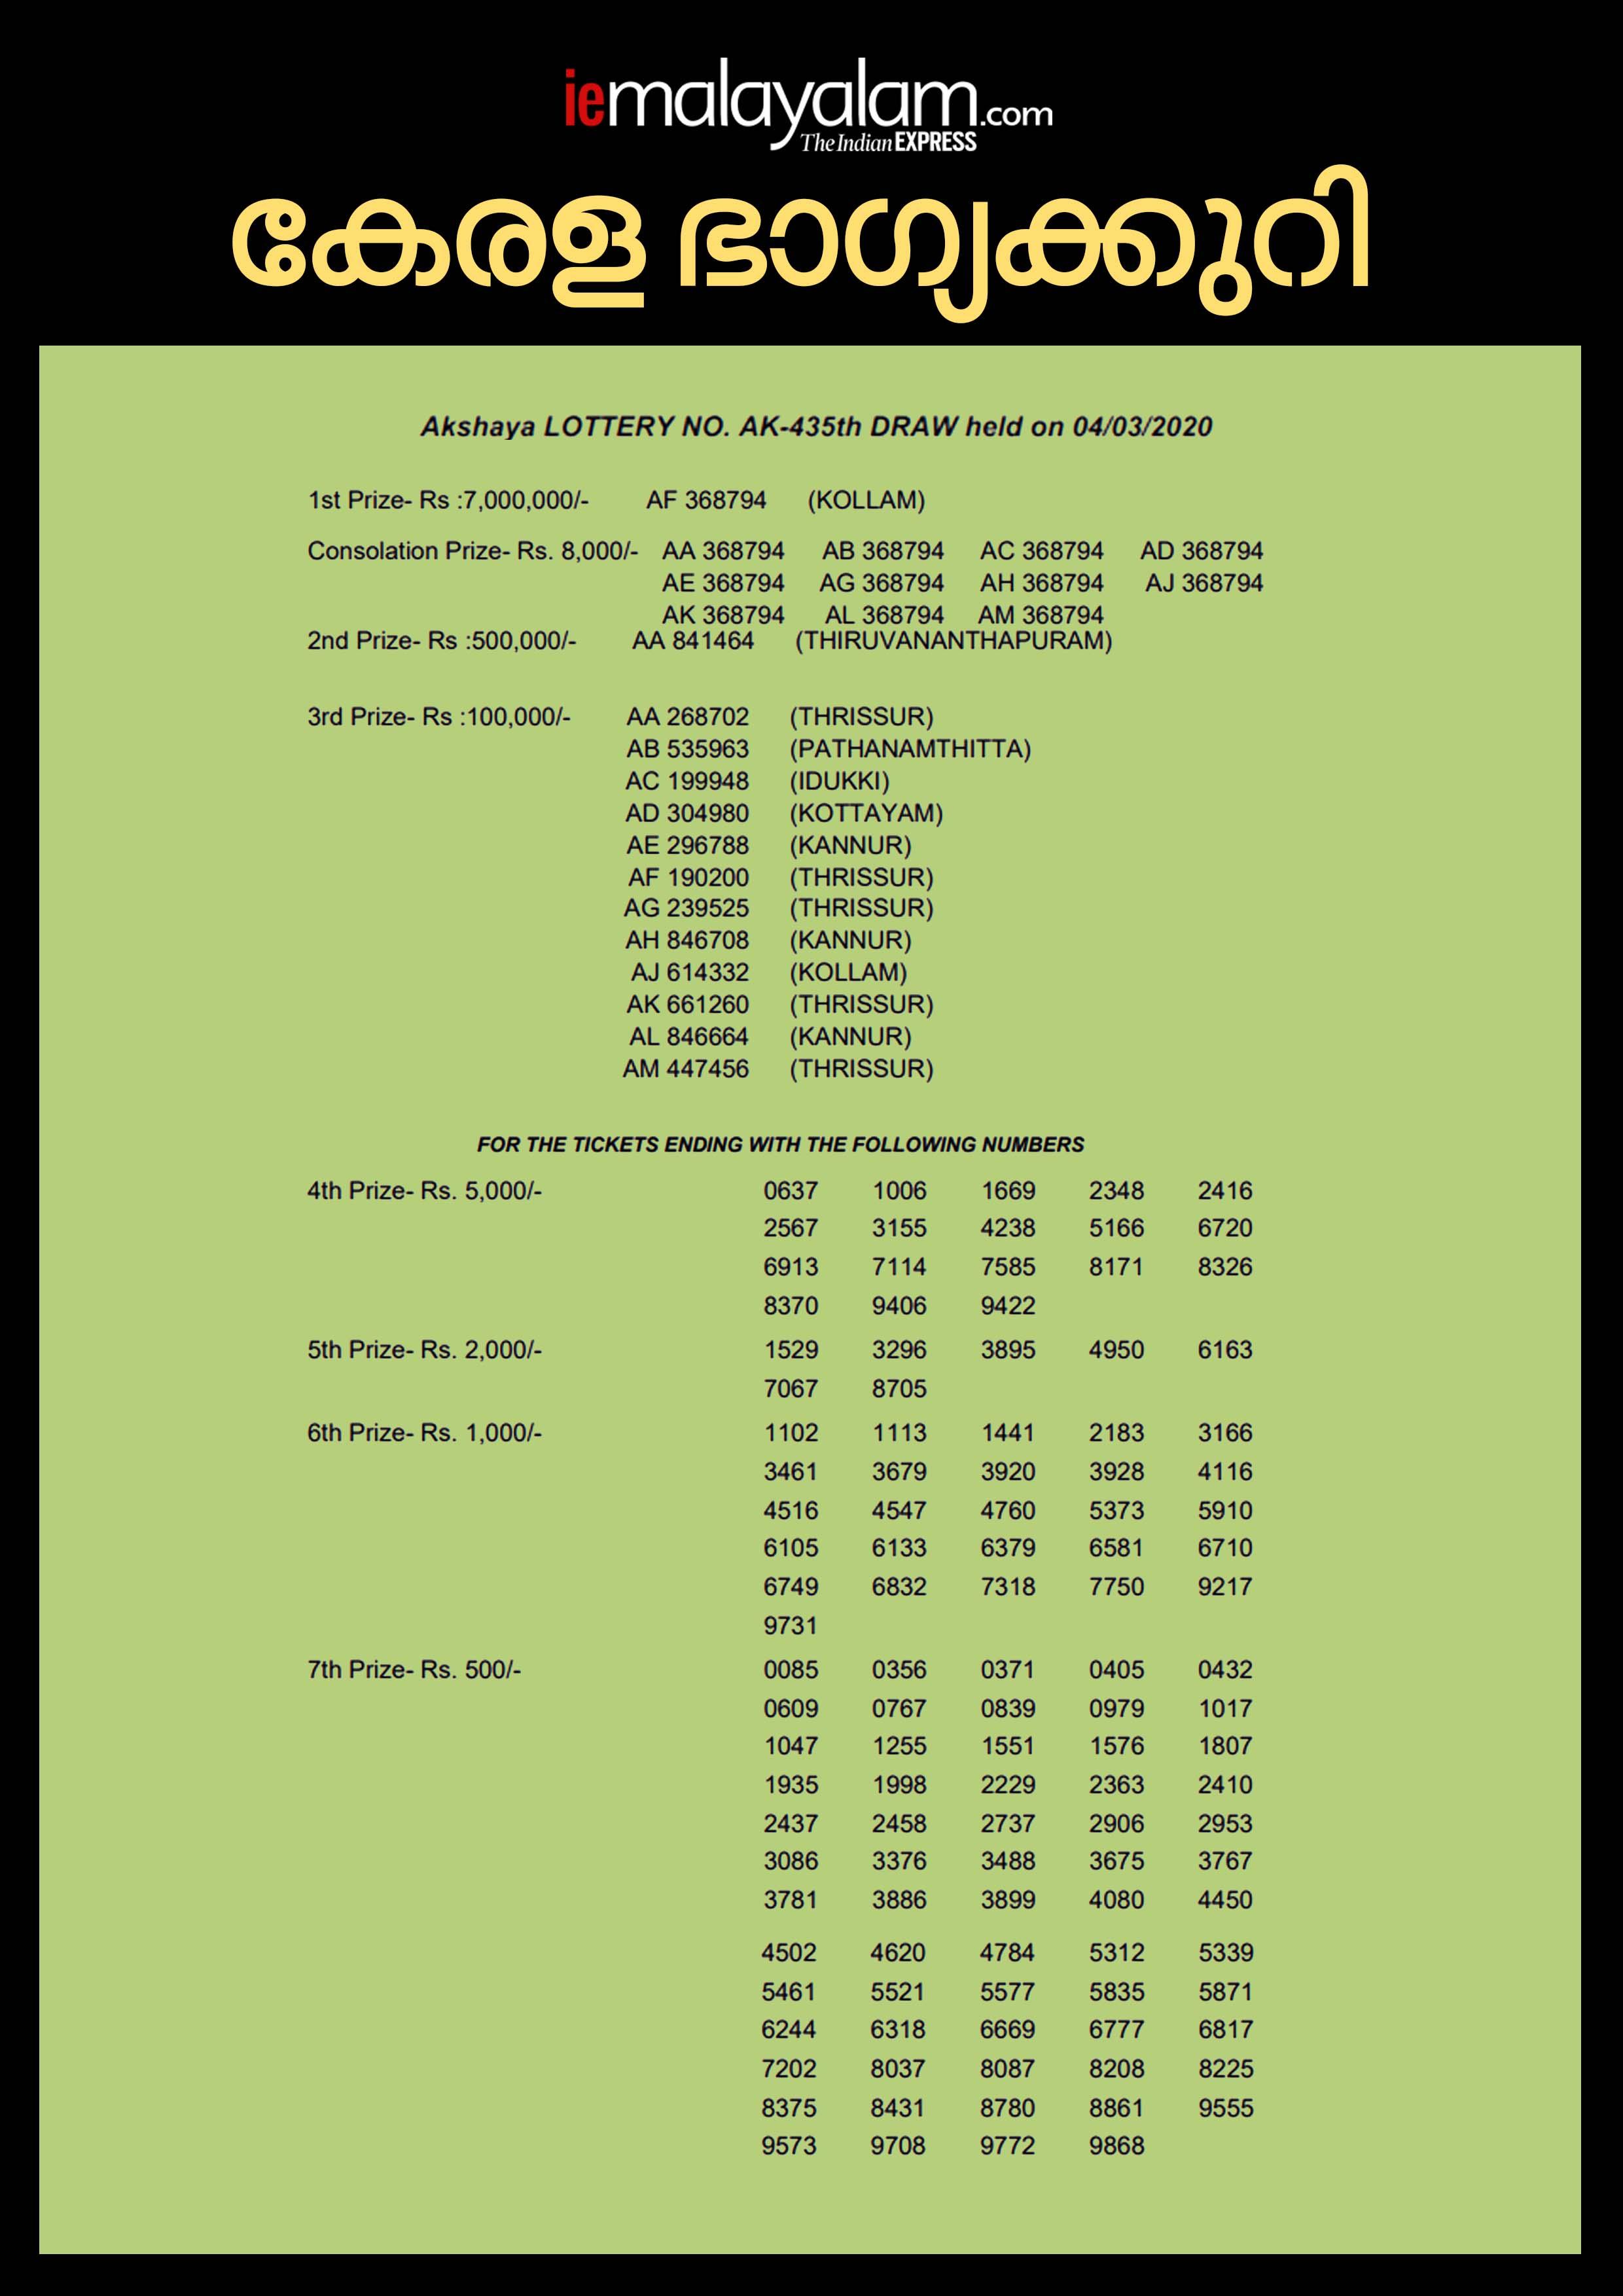 Kerala Lottery Akshaya AK-435 Result, kerala lottery, ie malayalam